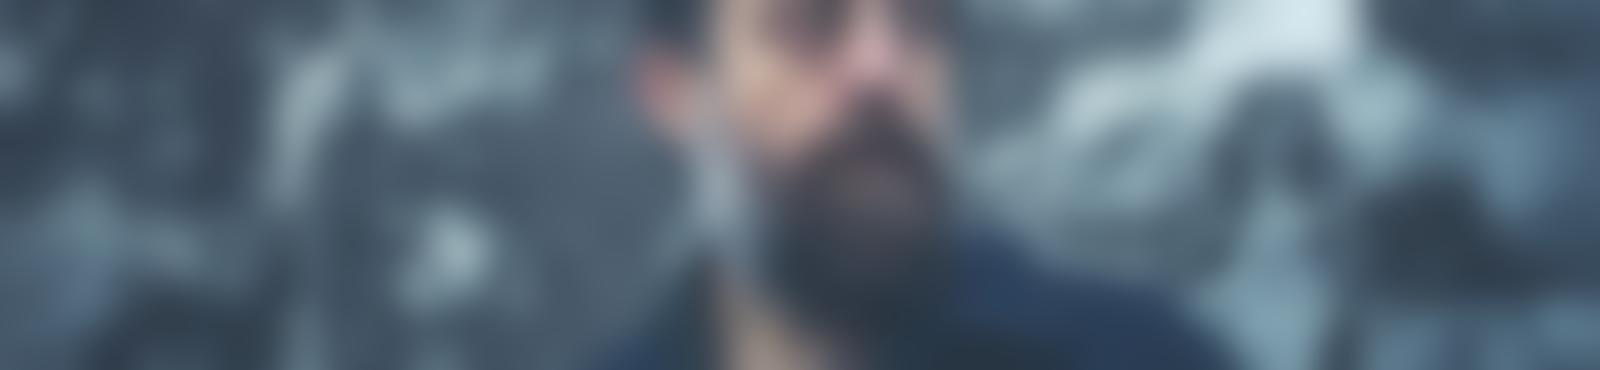 Blurred 25d6f1e3 3556 4664 b2a8 91f434b7d233